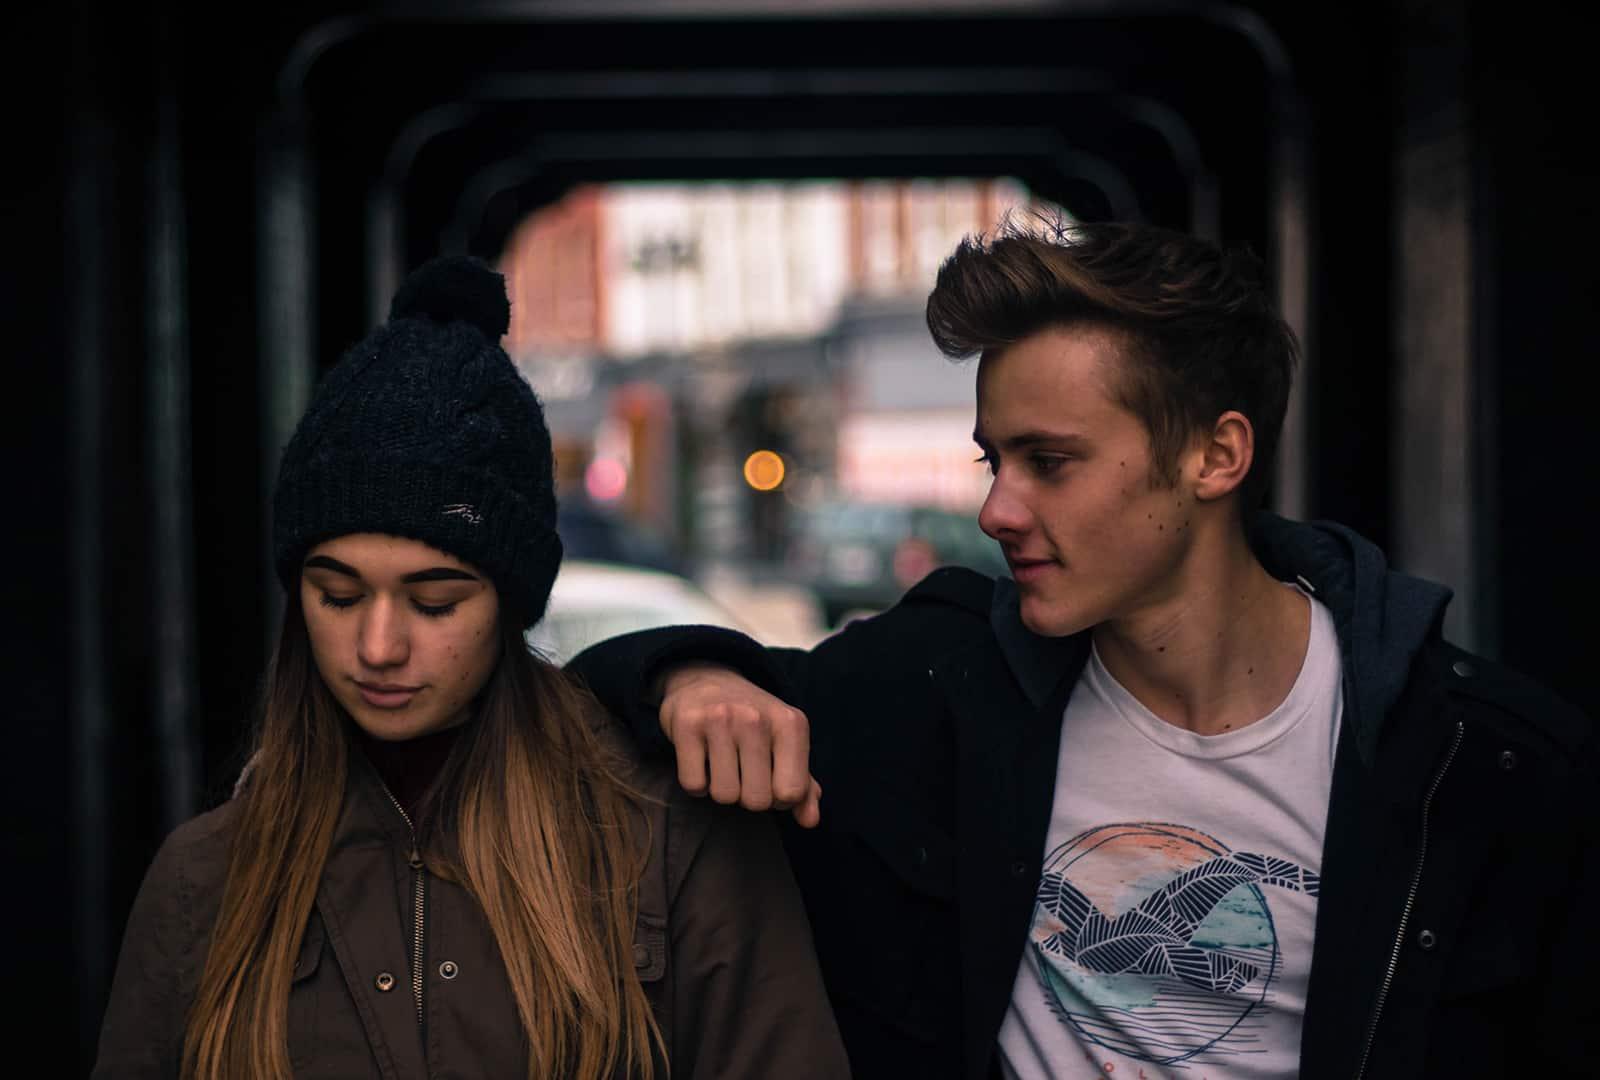 Ein Mann stützte sich auf die Schulter einer Frau, während sie nach unten schaute